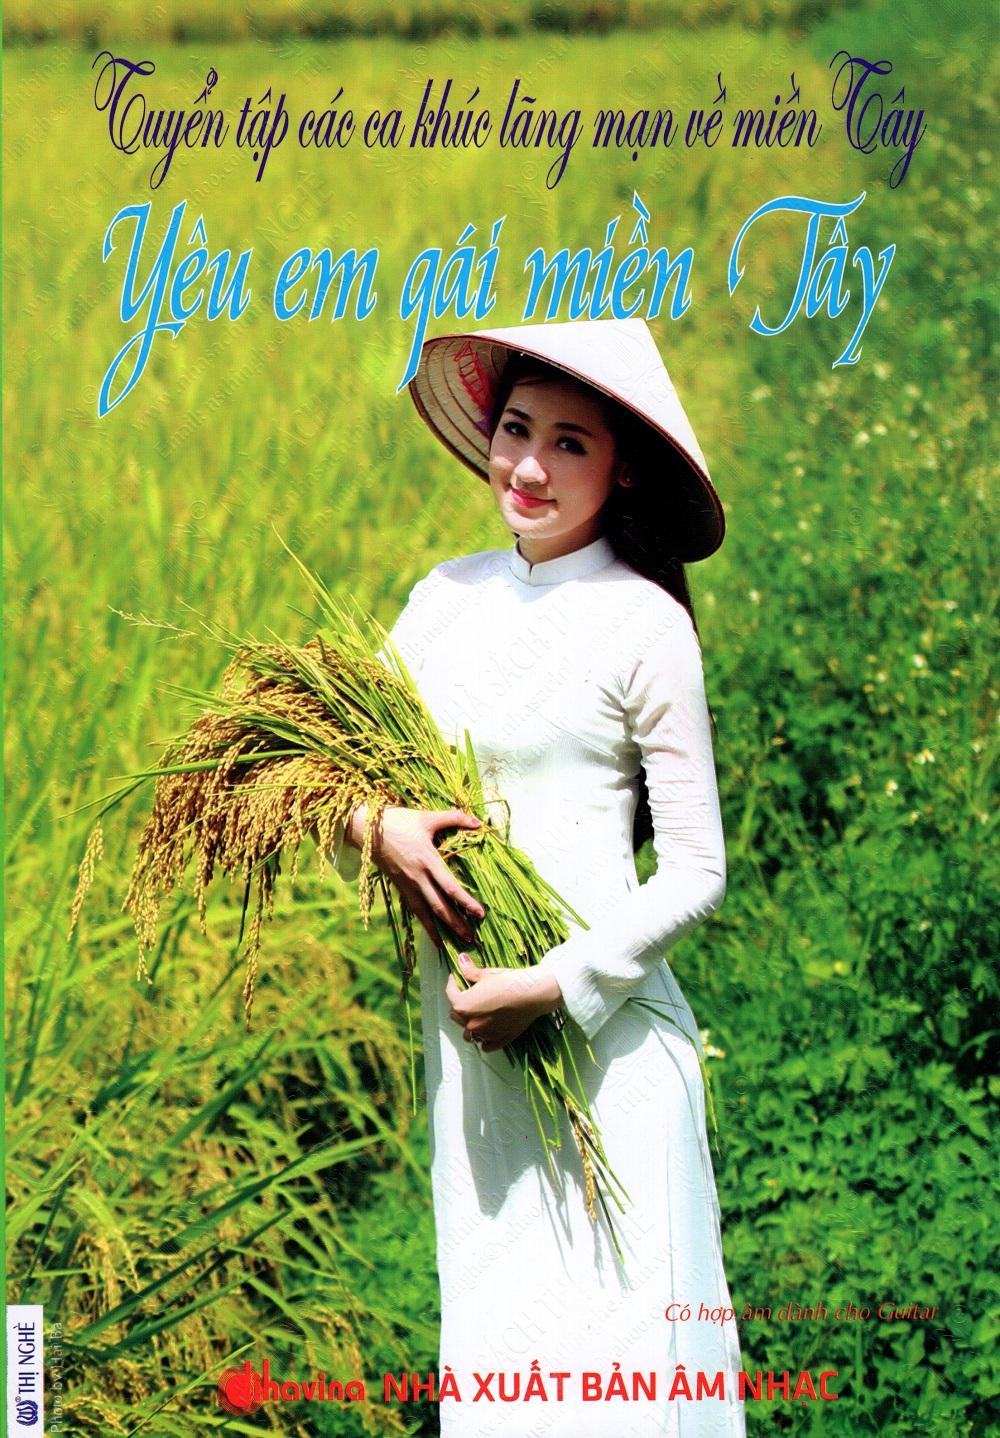 Tuyển Tập Các Ca Khúc Lãng Mạn Về Miền Tây - Yêu Em Gái Miền Tây (Kèm CD)